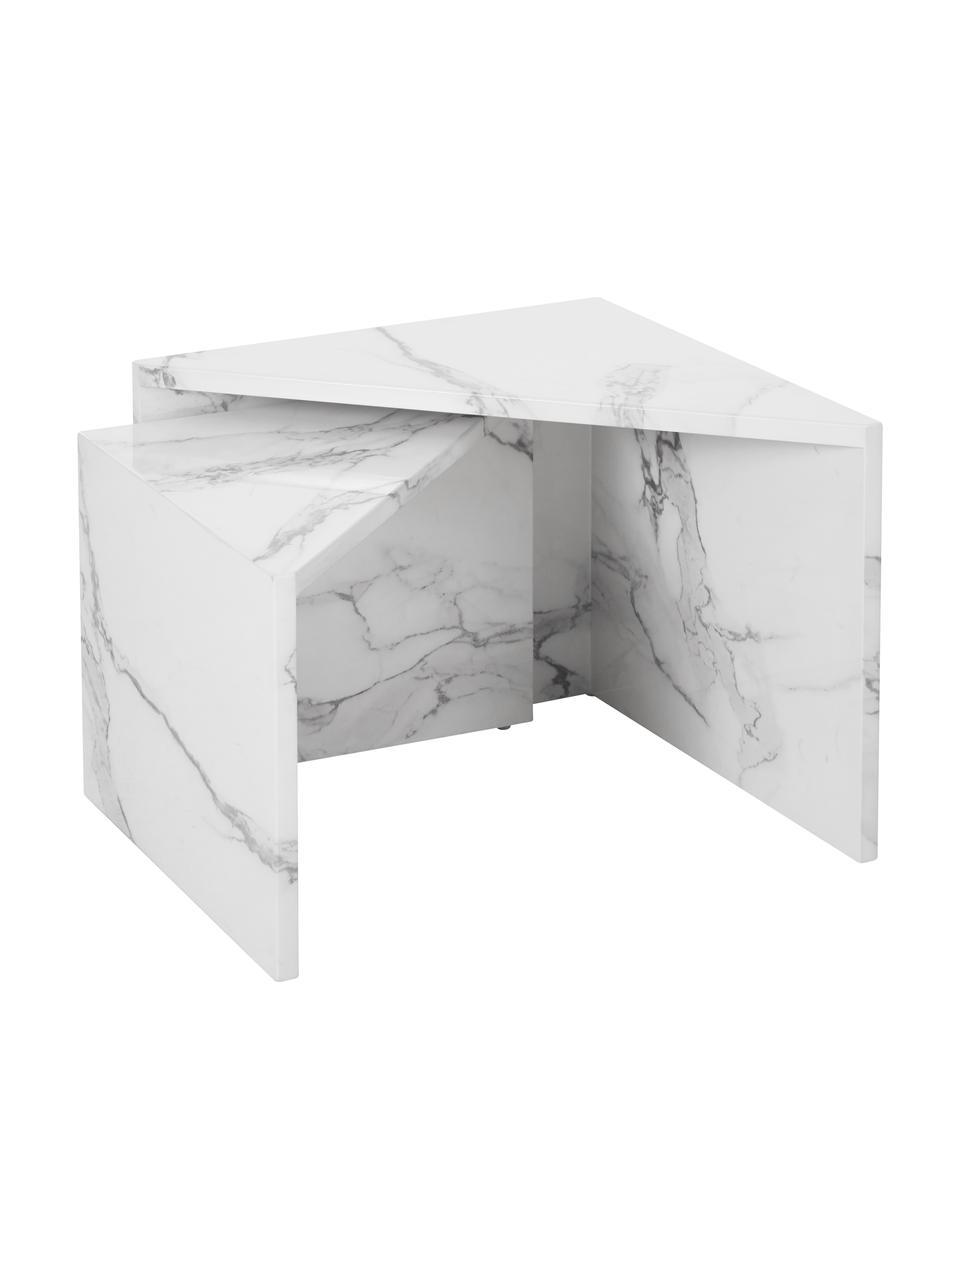 Couchtisch 2er-Set Vilma in Marmor-Optik, Mitteldichte Holzfaserplatte (MDF), mit lackbeschichtetem Papier in Marmoroptik überzogen, Weiß, marmoriert, glänzend, Sondergrößen